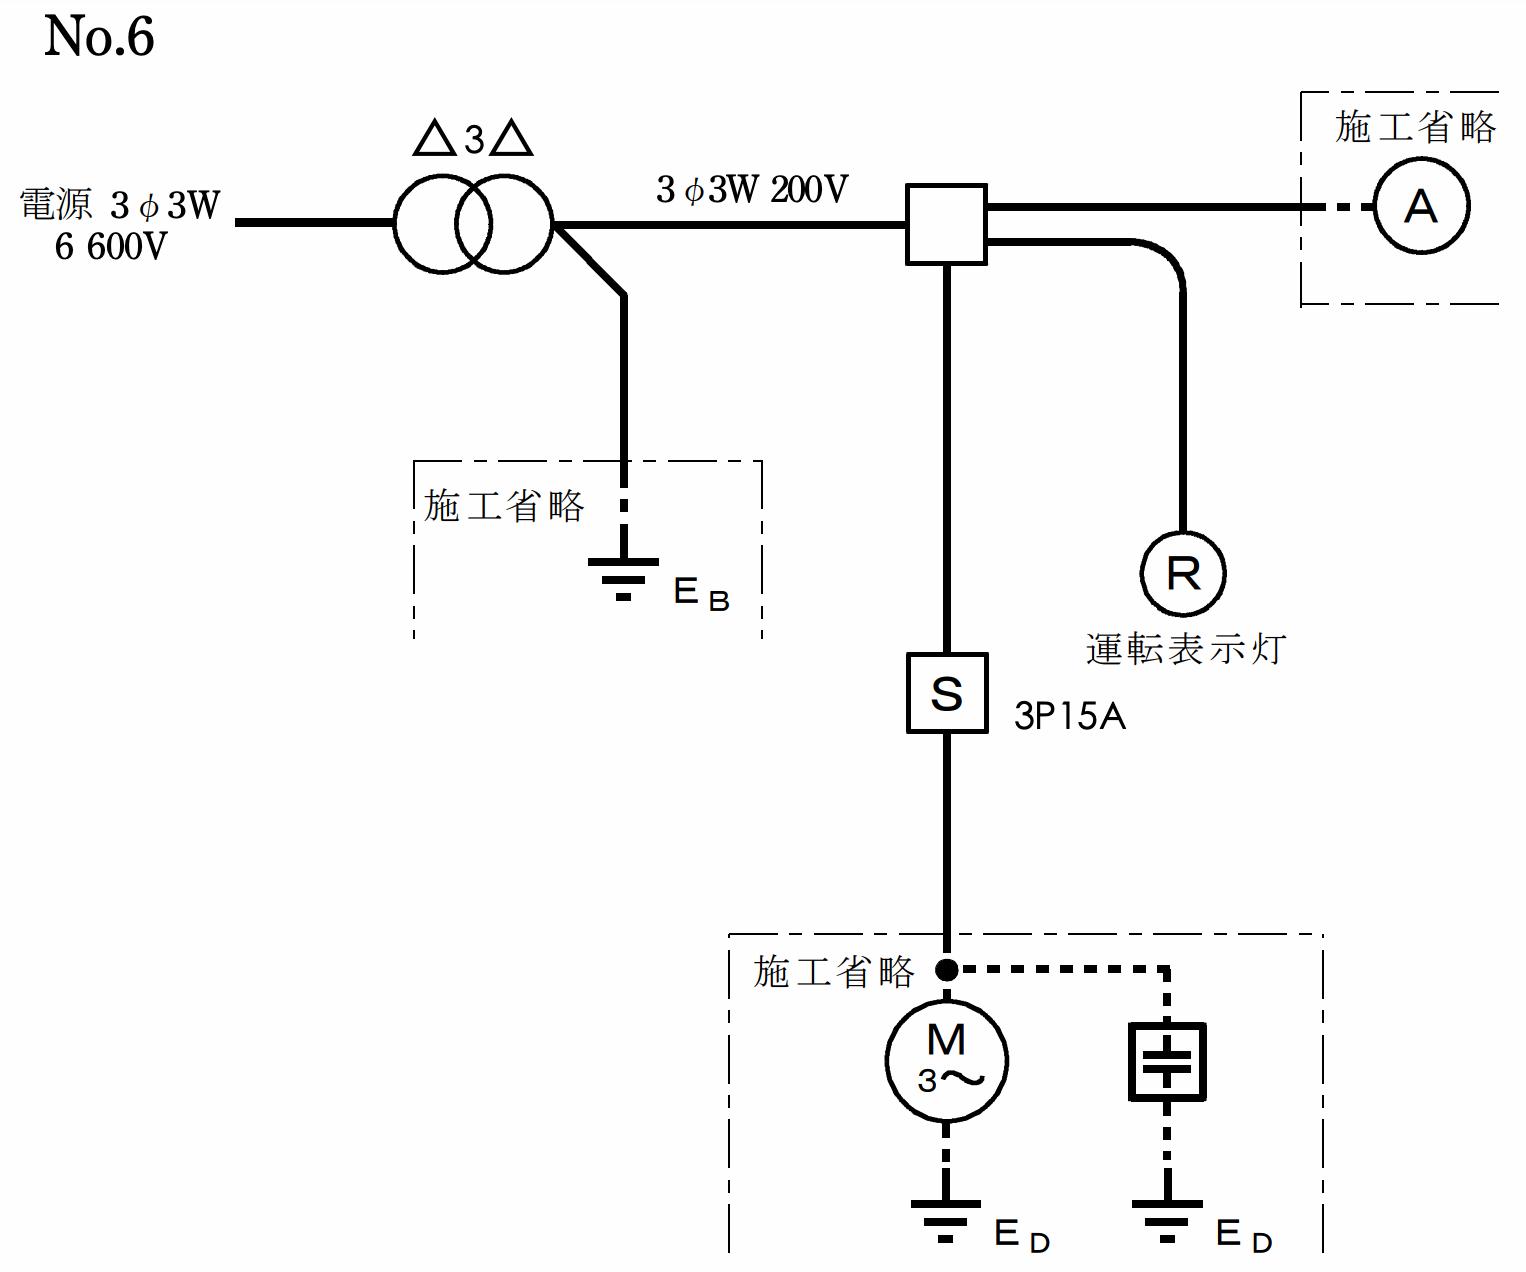 第一種電気工事士の技能試験の候補問題No.6